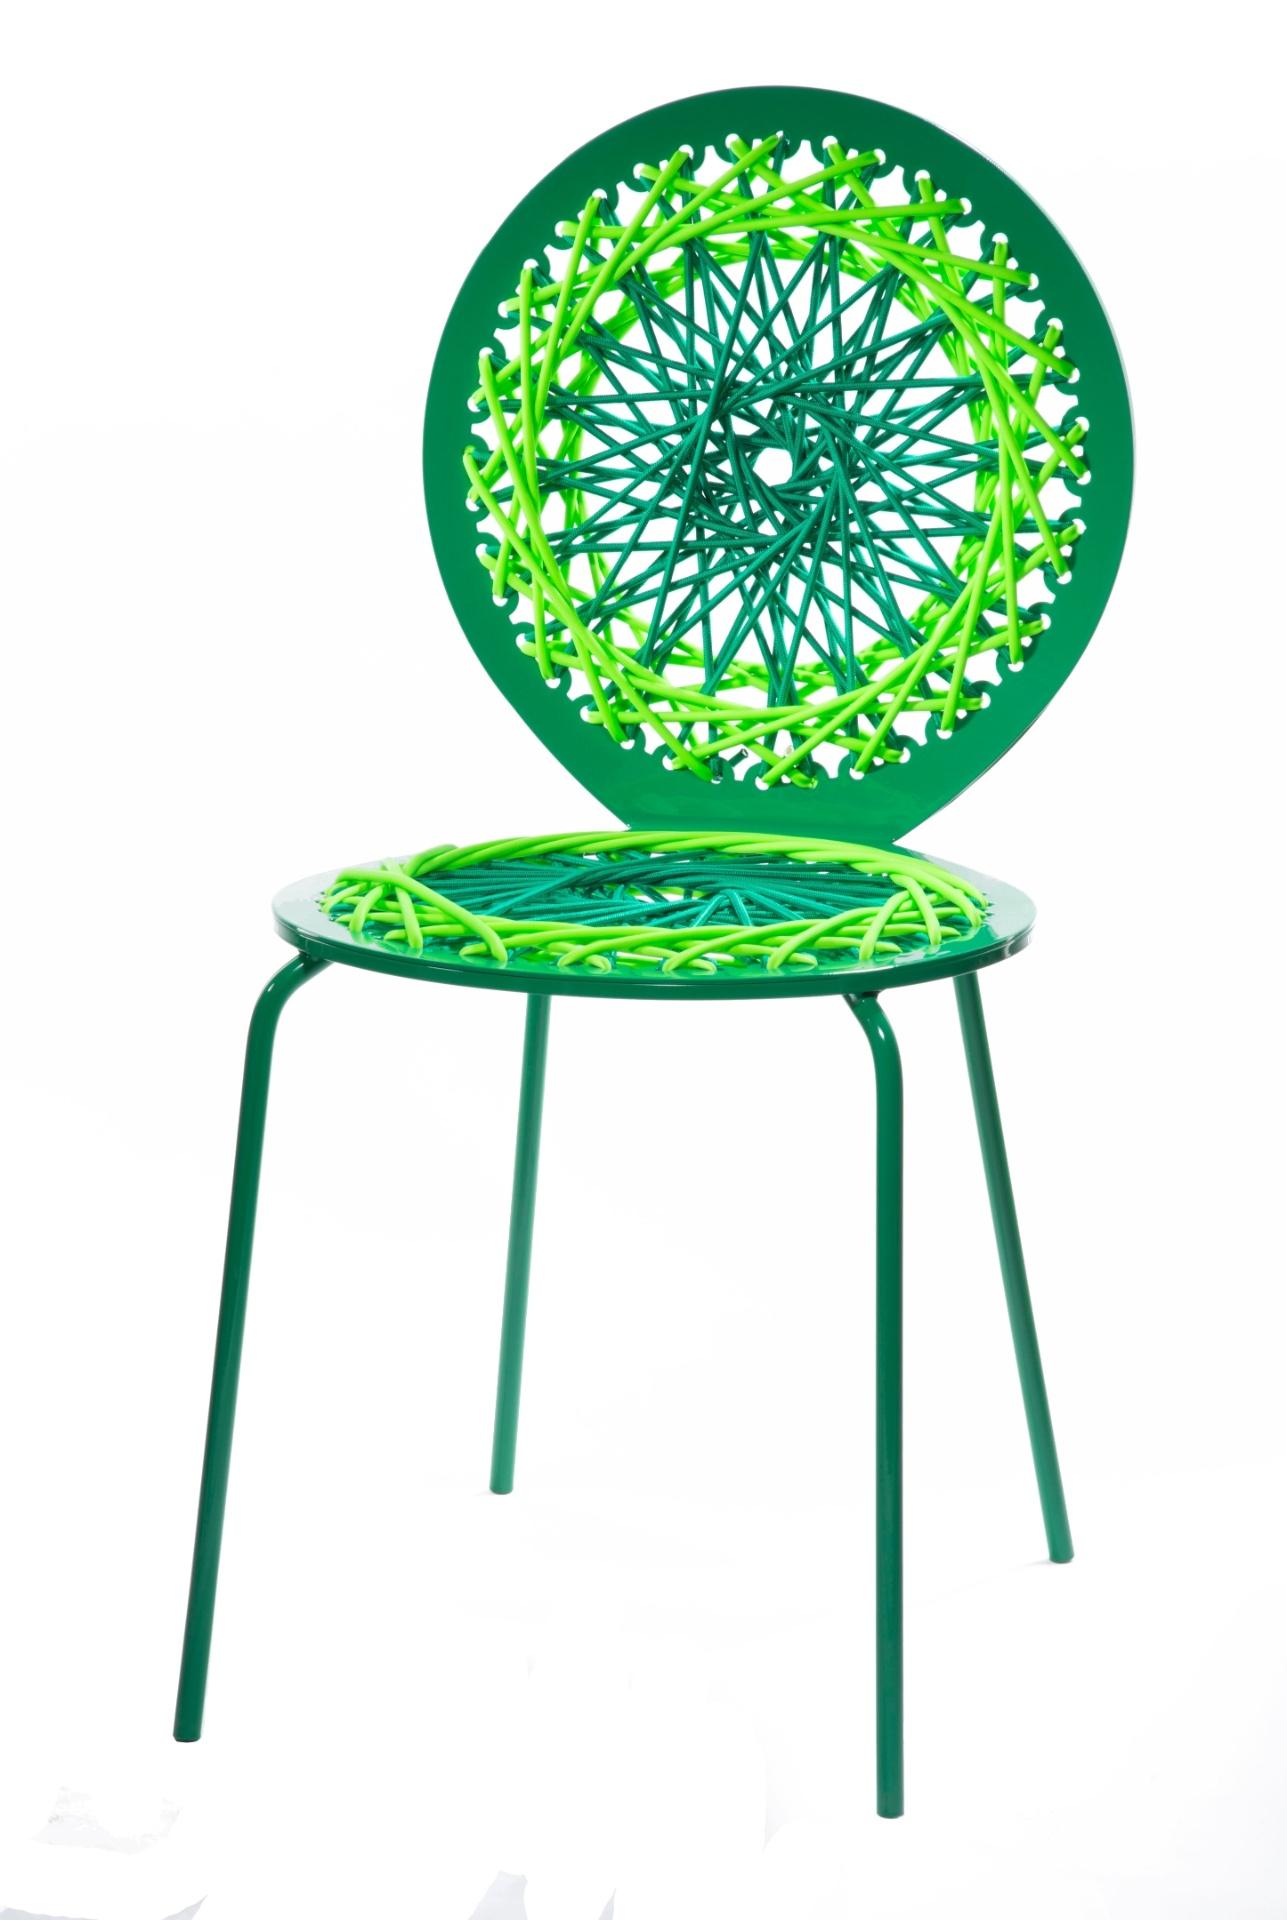 Inspirada no universo da moda, a norte-americana Jessica Carnevale (www.carnevalestudio.com) projetou a coleção de cadeiras Stretch. As peças têm encosto e assento confeccionados em látex e corda em cores vivas